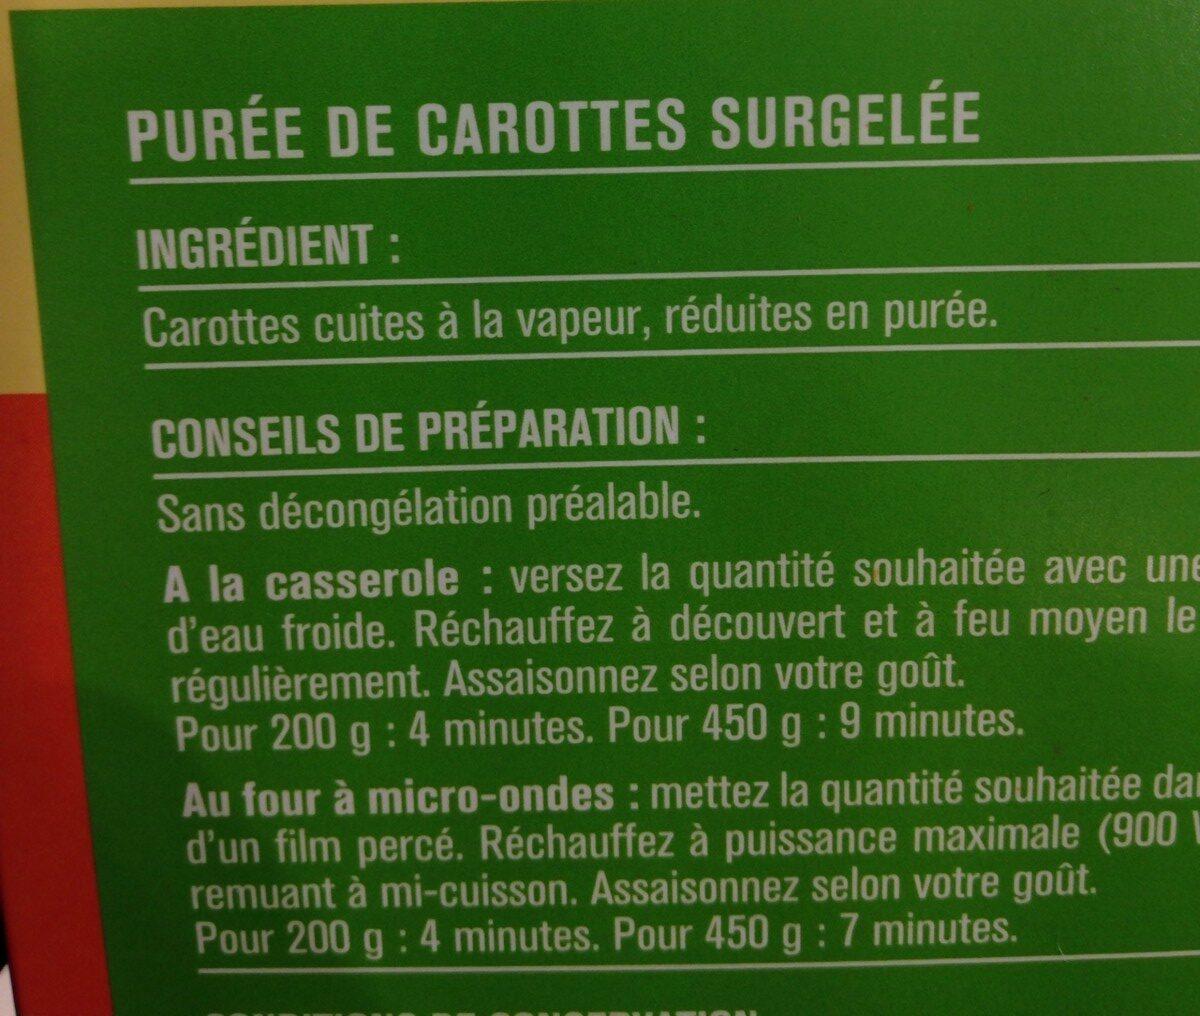 Purée de carottes, surgelée - Ingrédients